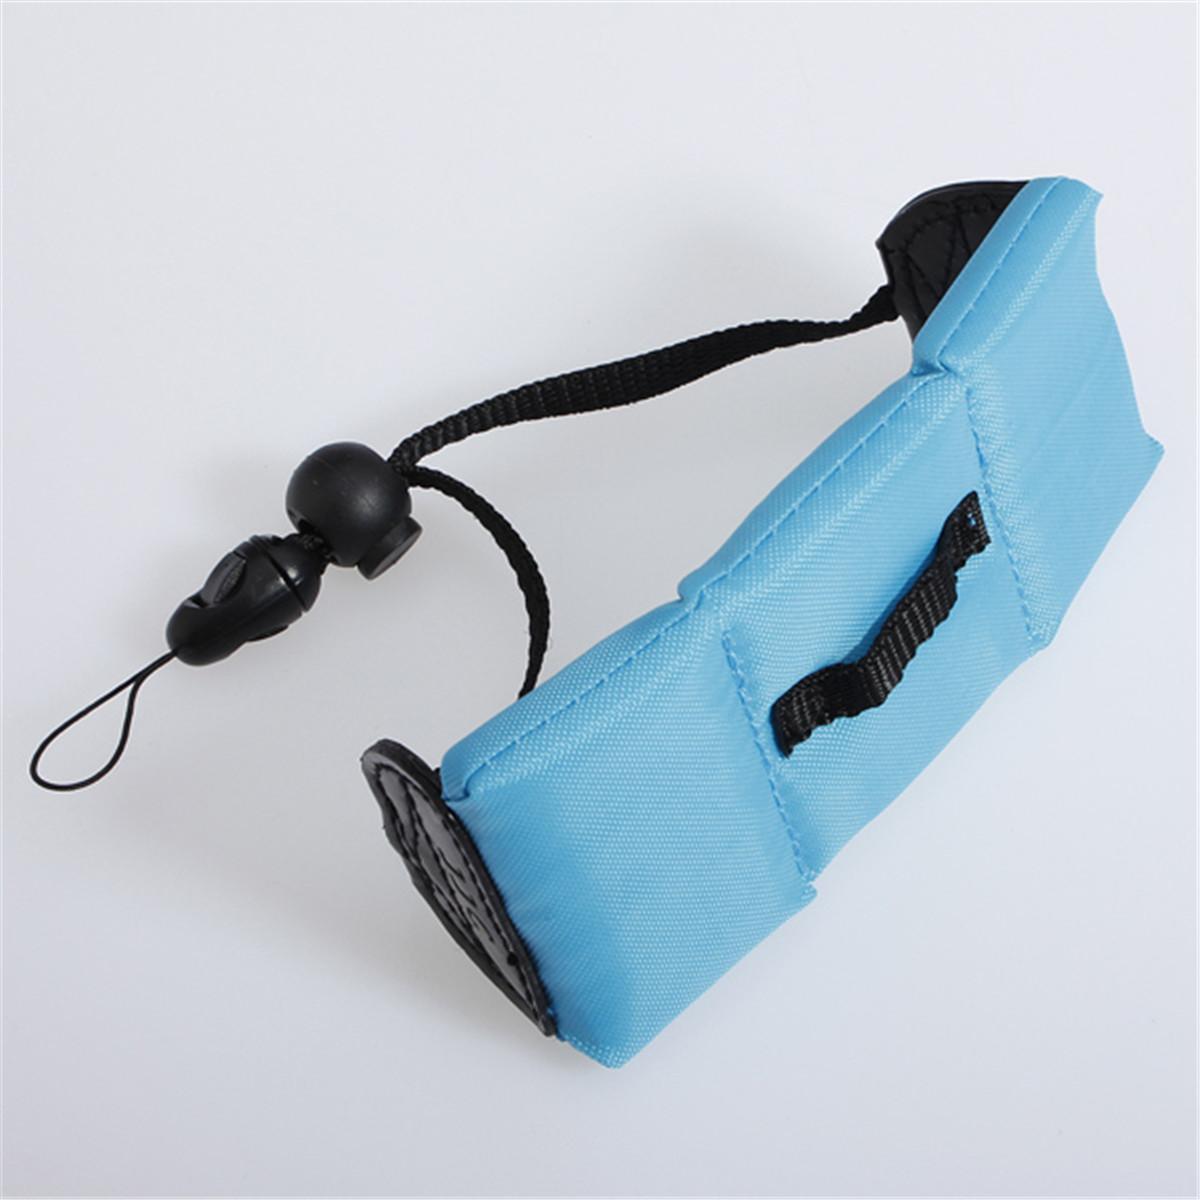 All'ingrosso Diving impermeabile regolabile galleggiante in schiuma polso bracciale Dive mano la cinghia per fotocamere impermeabili